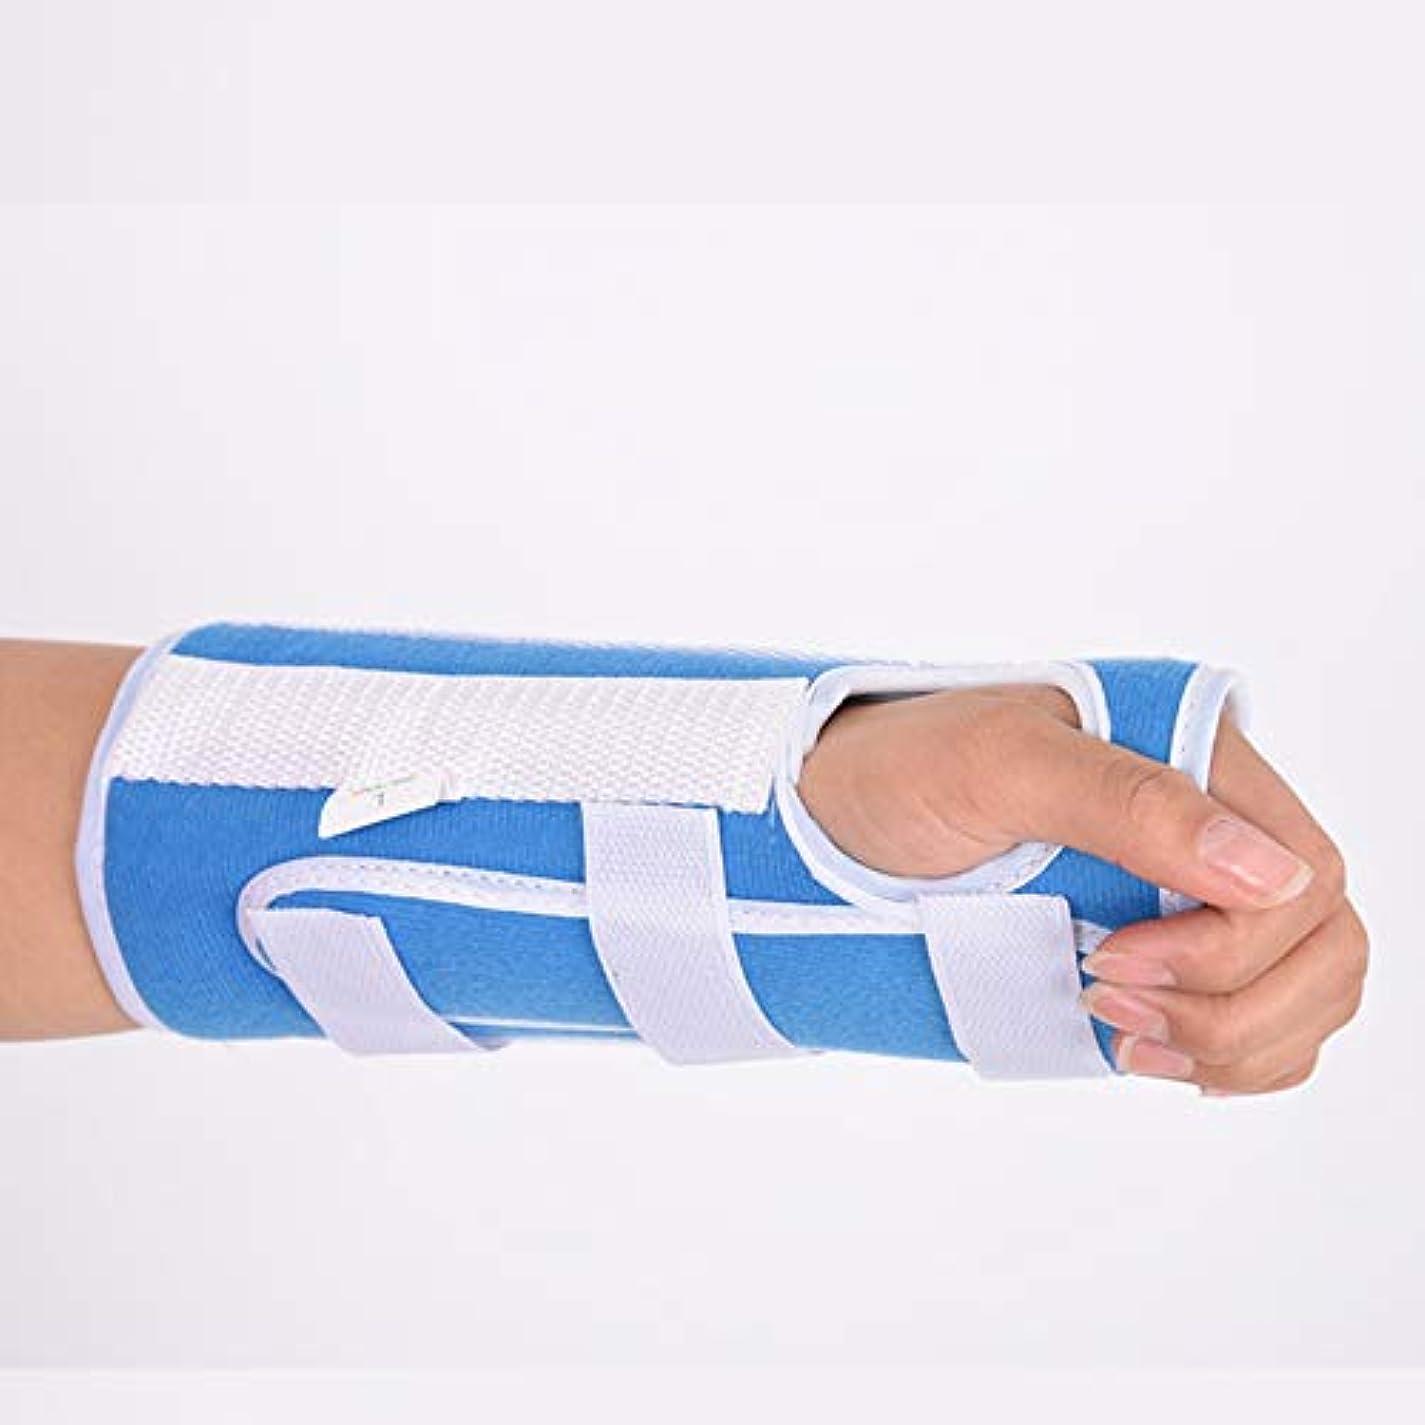 ワイン事ガウン手根管用手首装具、関節炎および腱炎用の快適で調整可能な手首支持装具、左手と右手の両方に適合,S